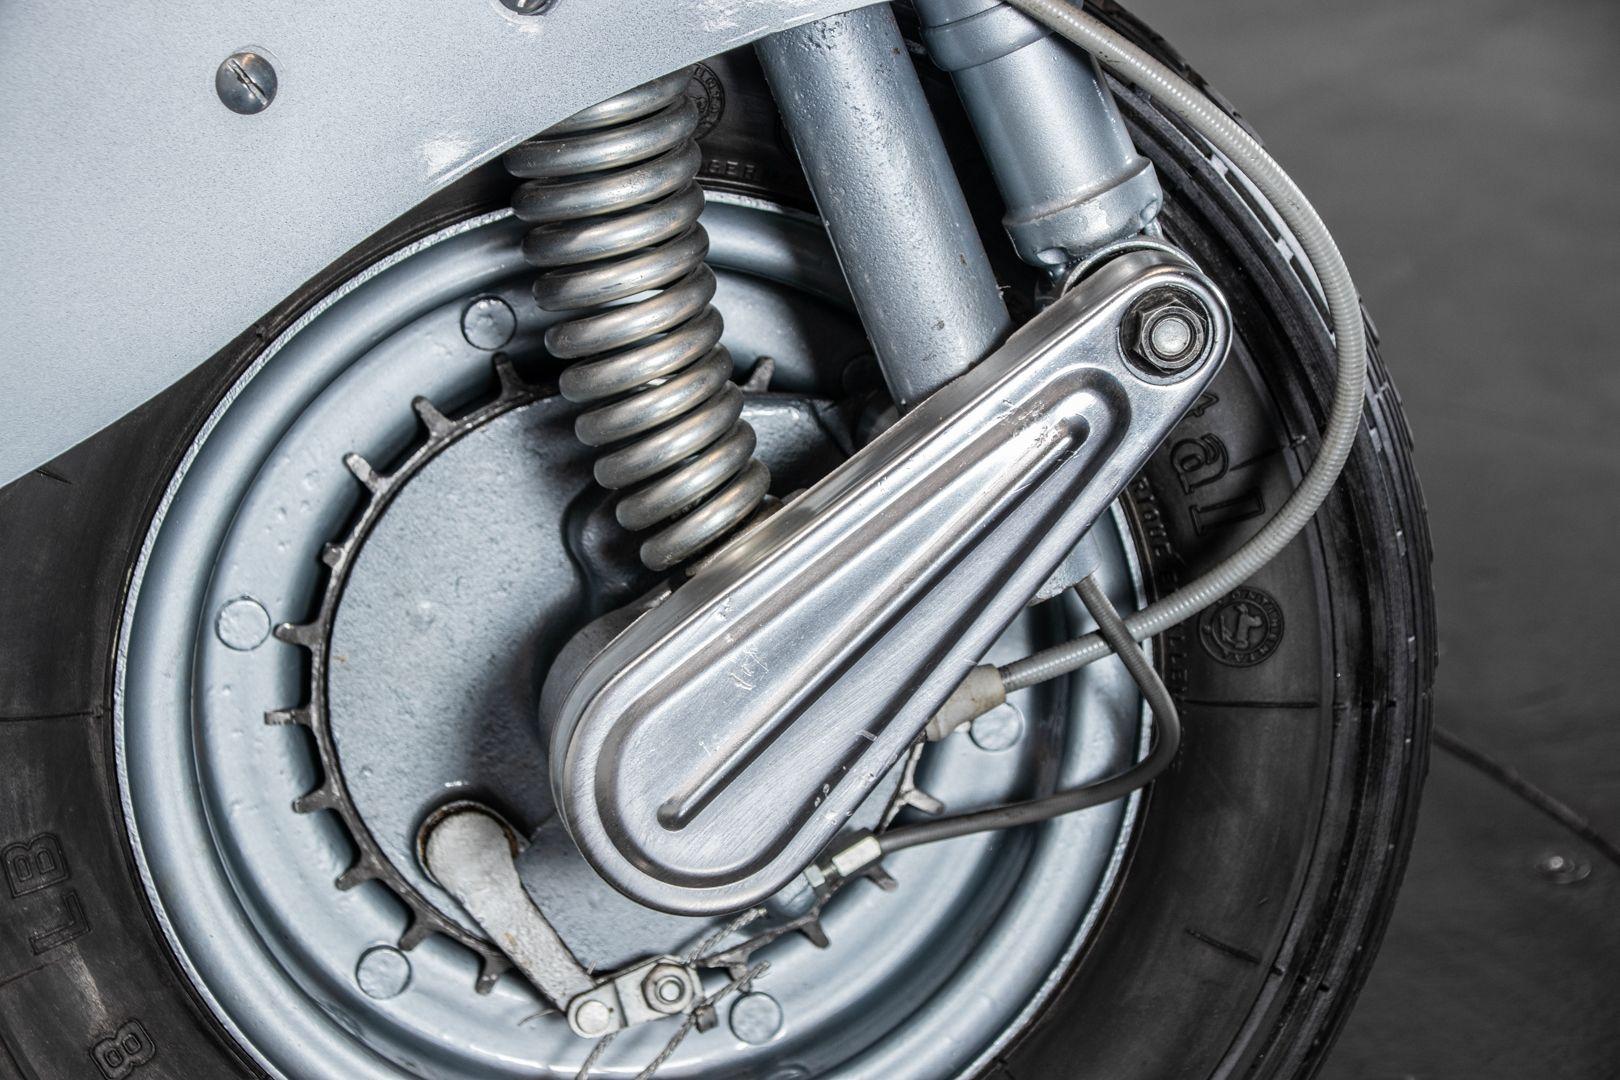 1958 Piaggio Vespa 150 VB1T 69467